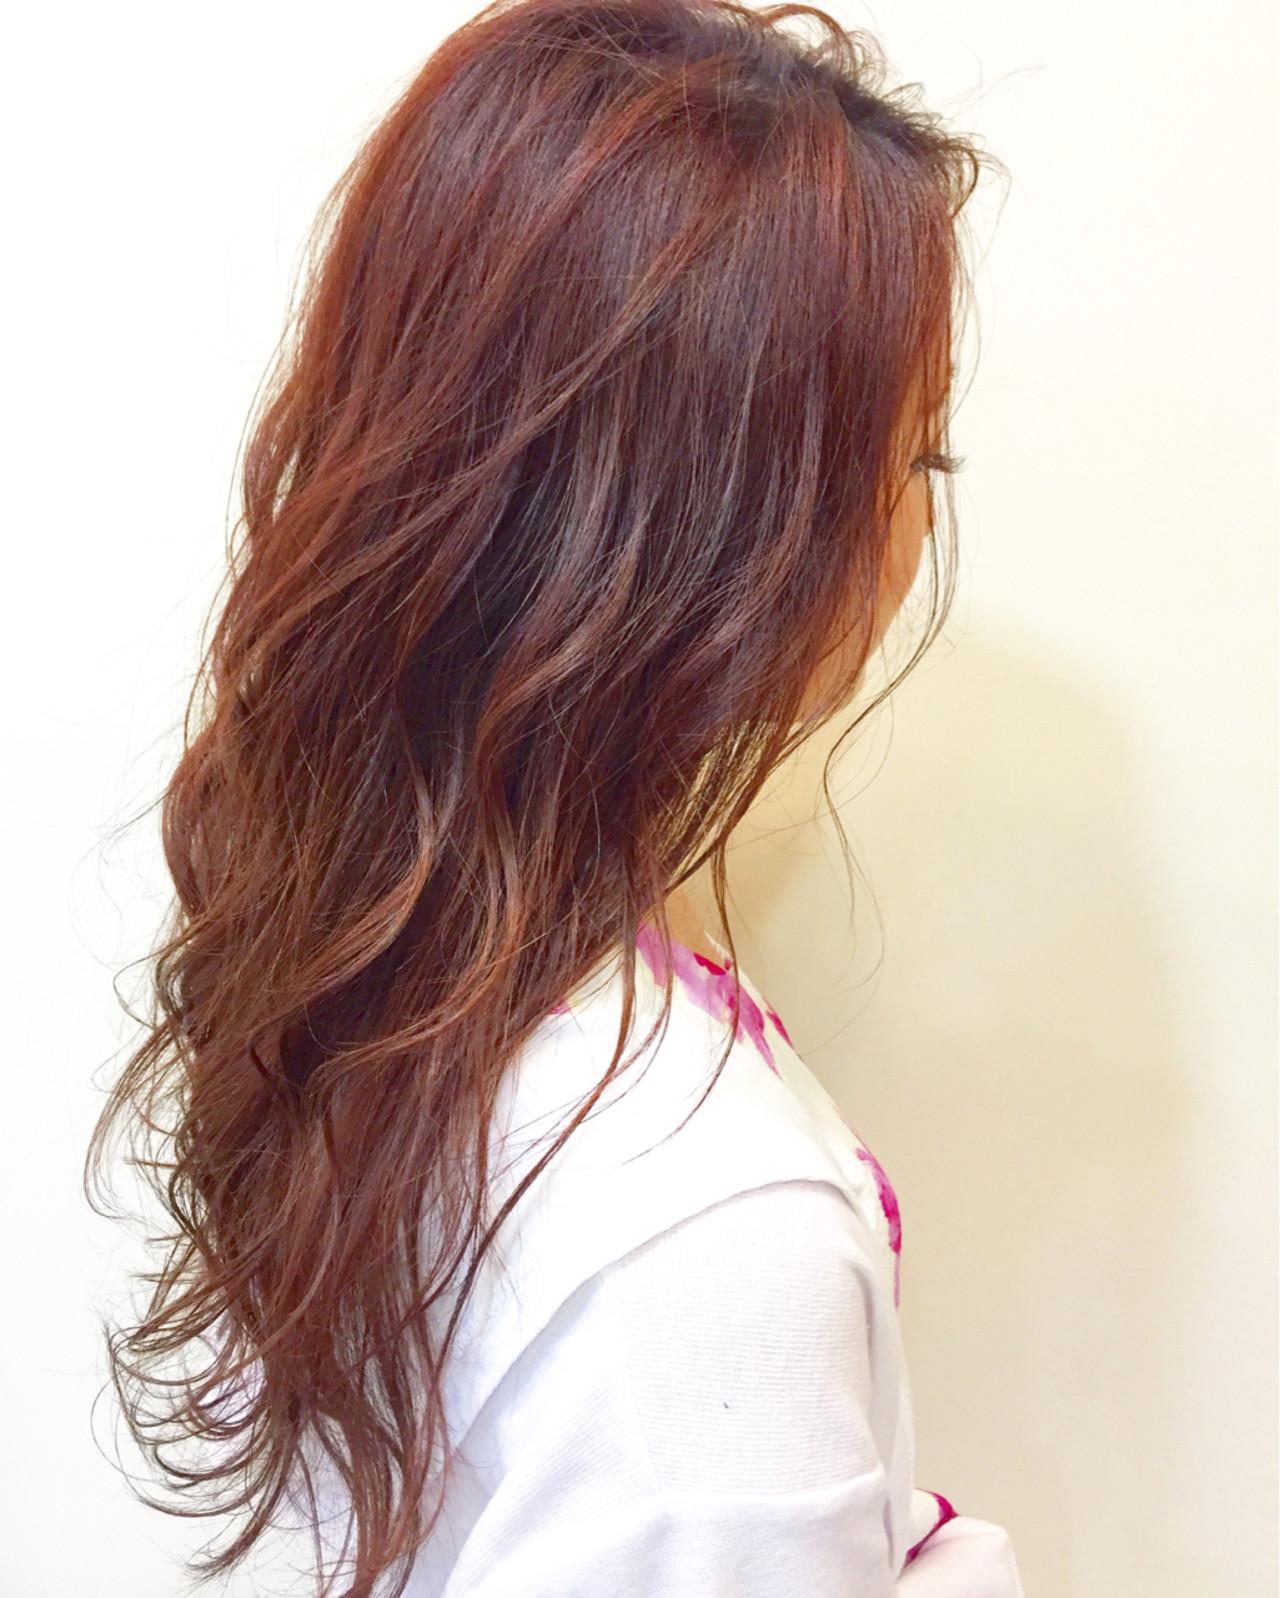 おフェロ 透明感 ベージュ ピンク ヘアスタイルや髪型の写真・画像 | 羽鳥 克哉 / kellys green